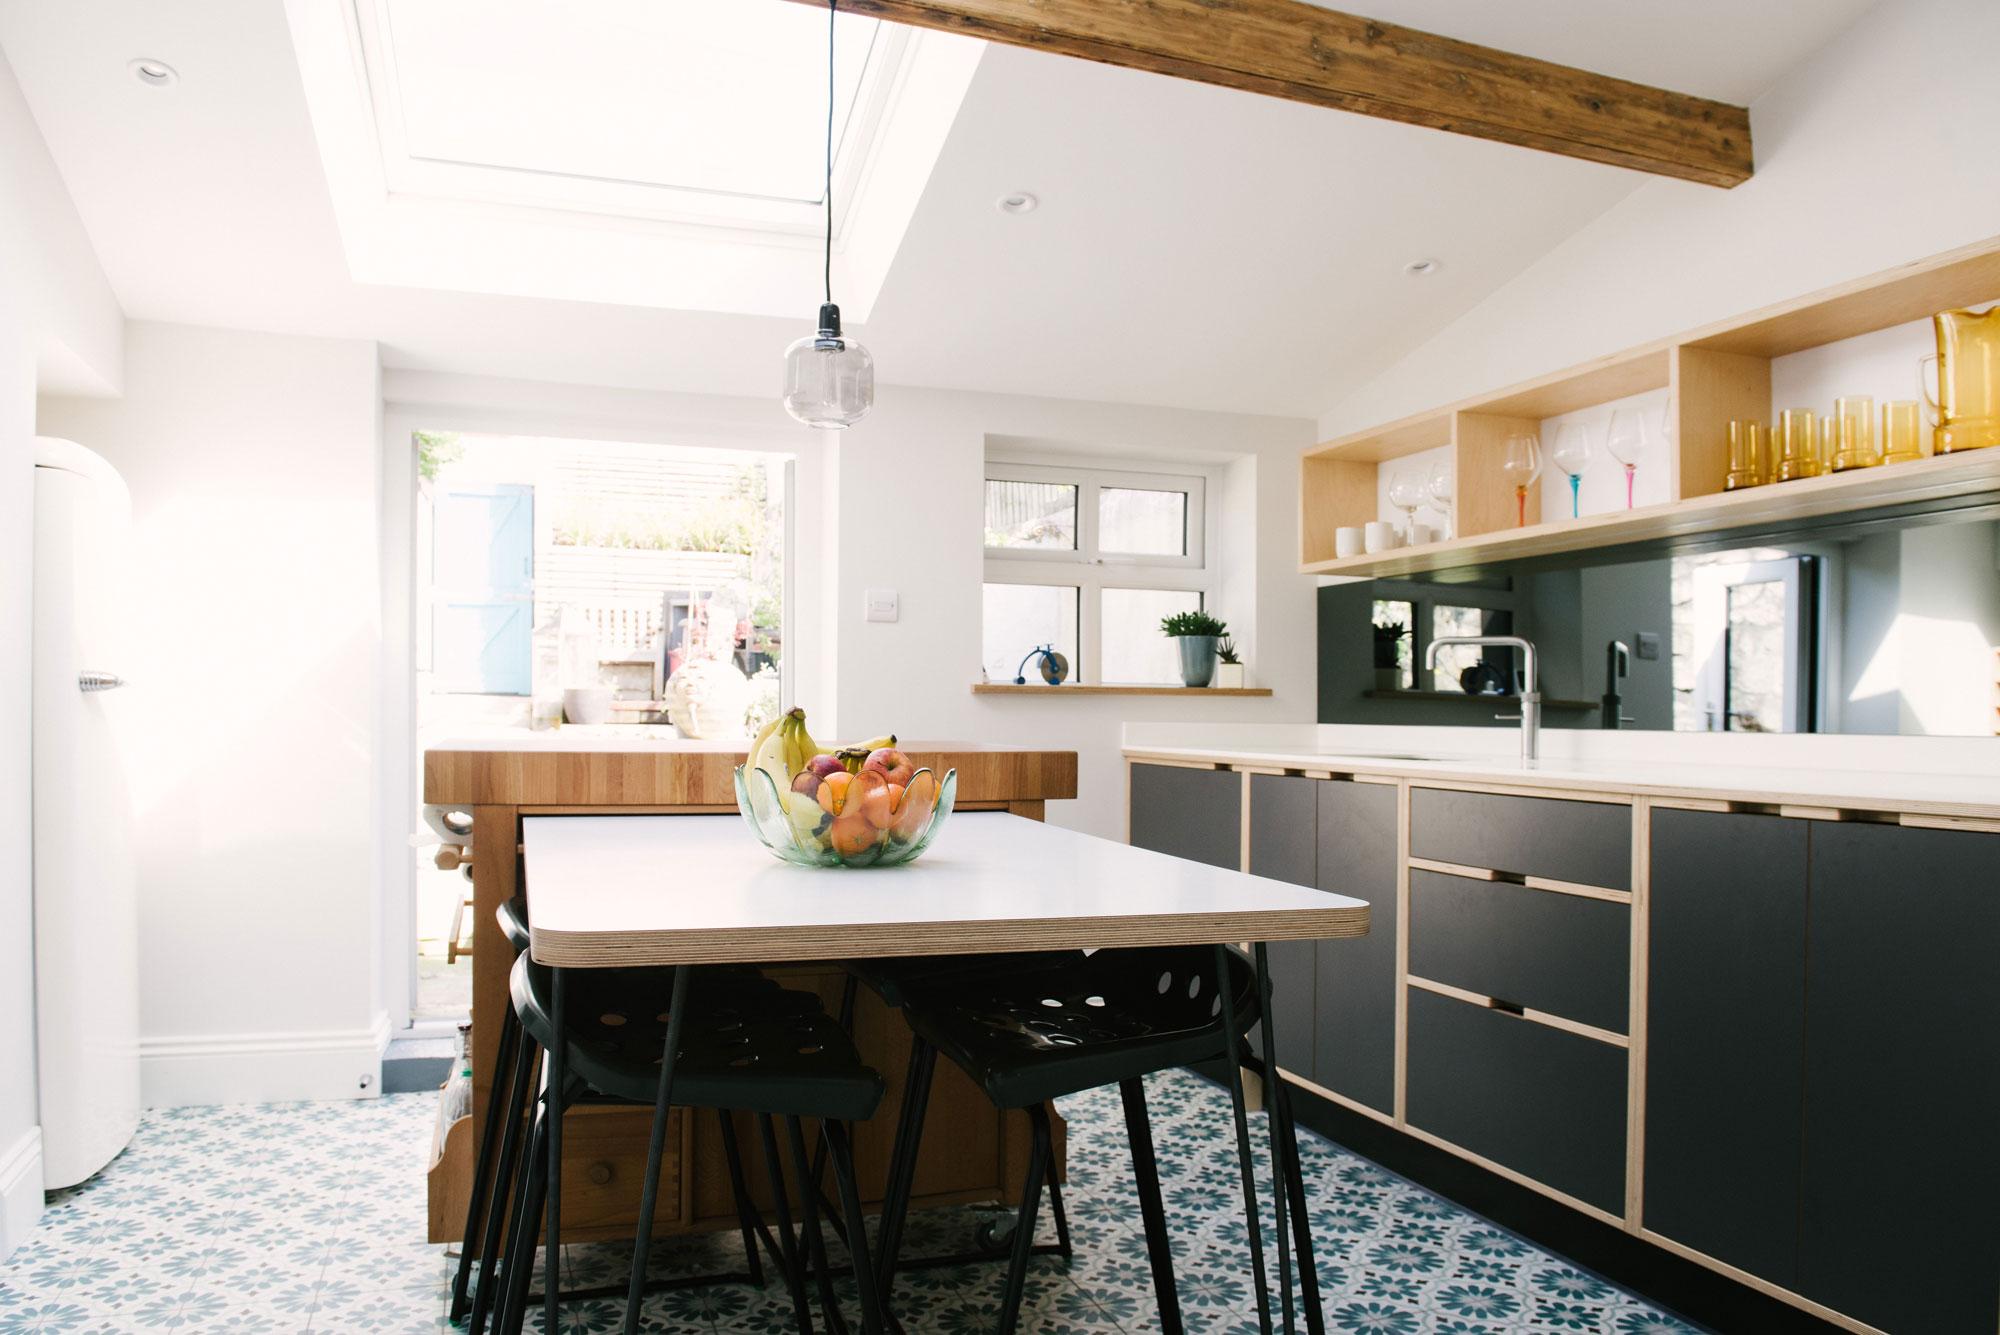 Monochrome plywood kitchen diner